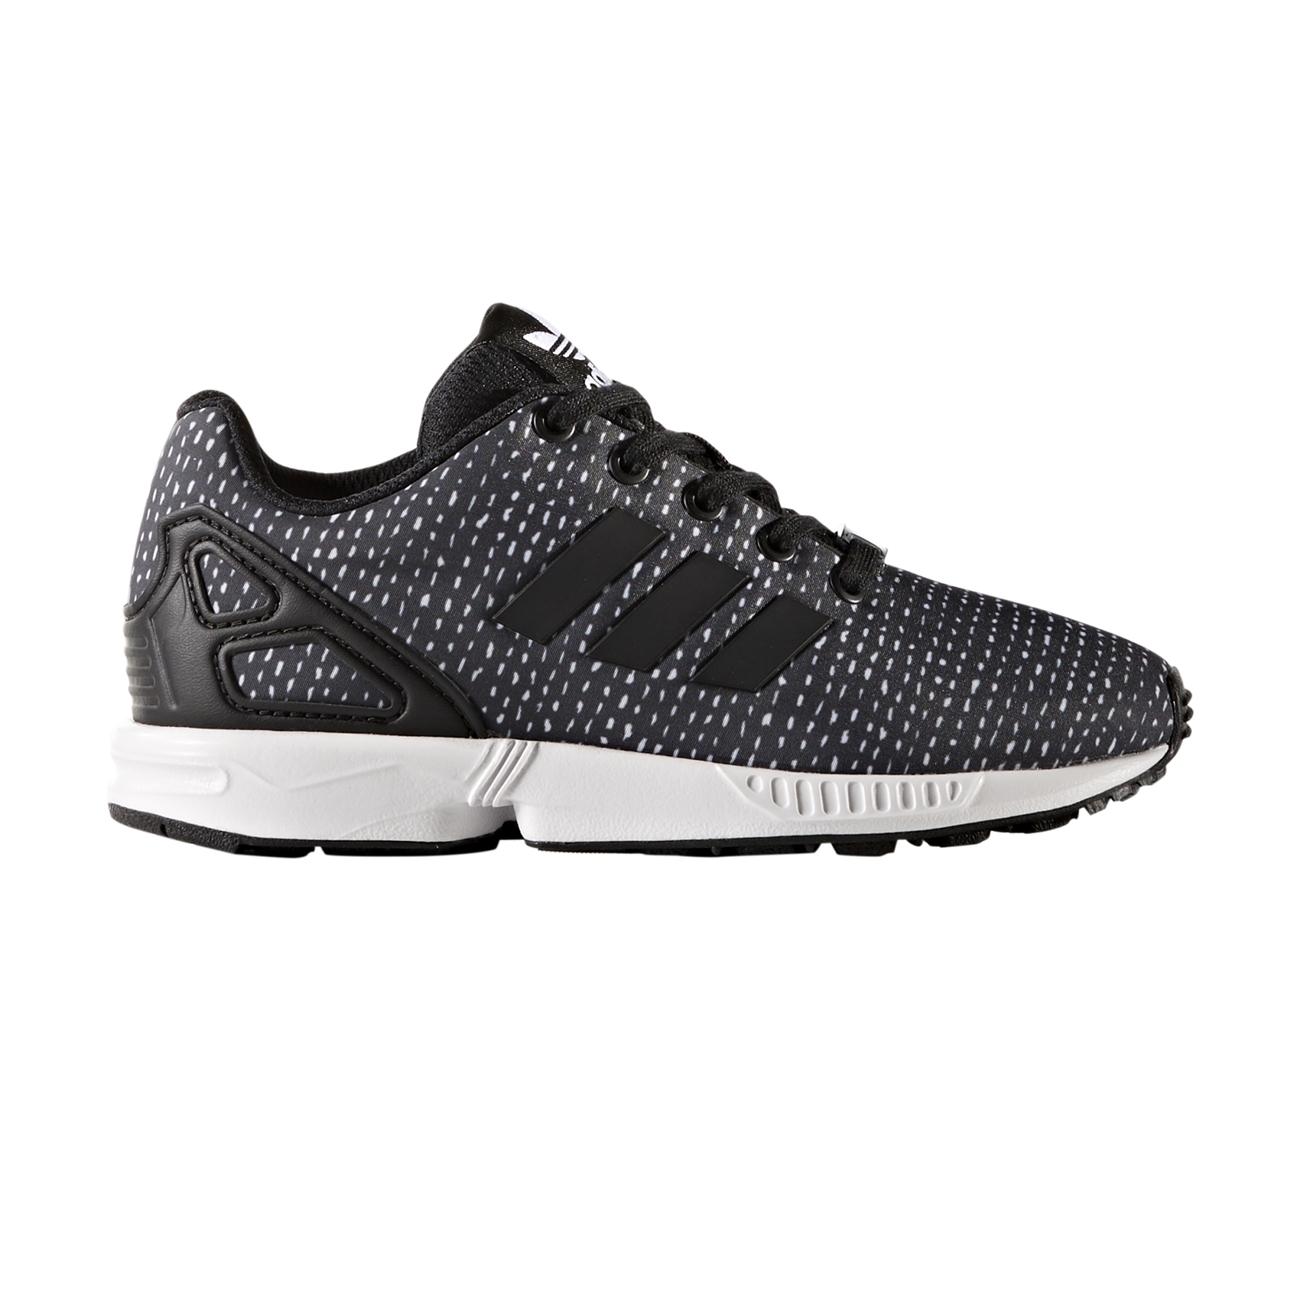 Adidas Originals ZX Flux C (core black/core black/ftwr white)